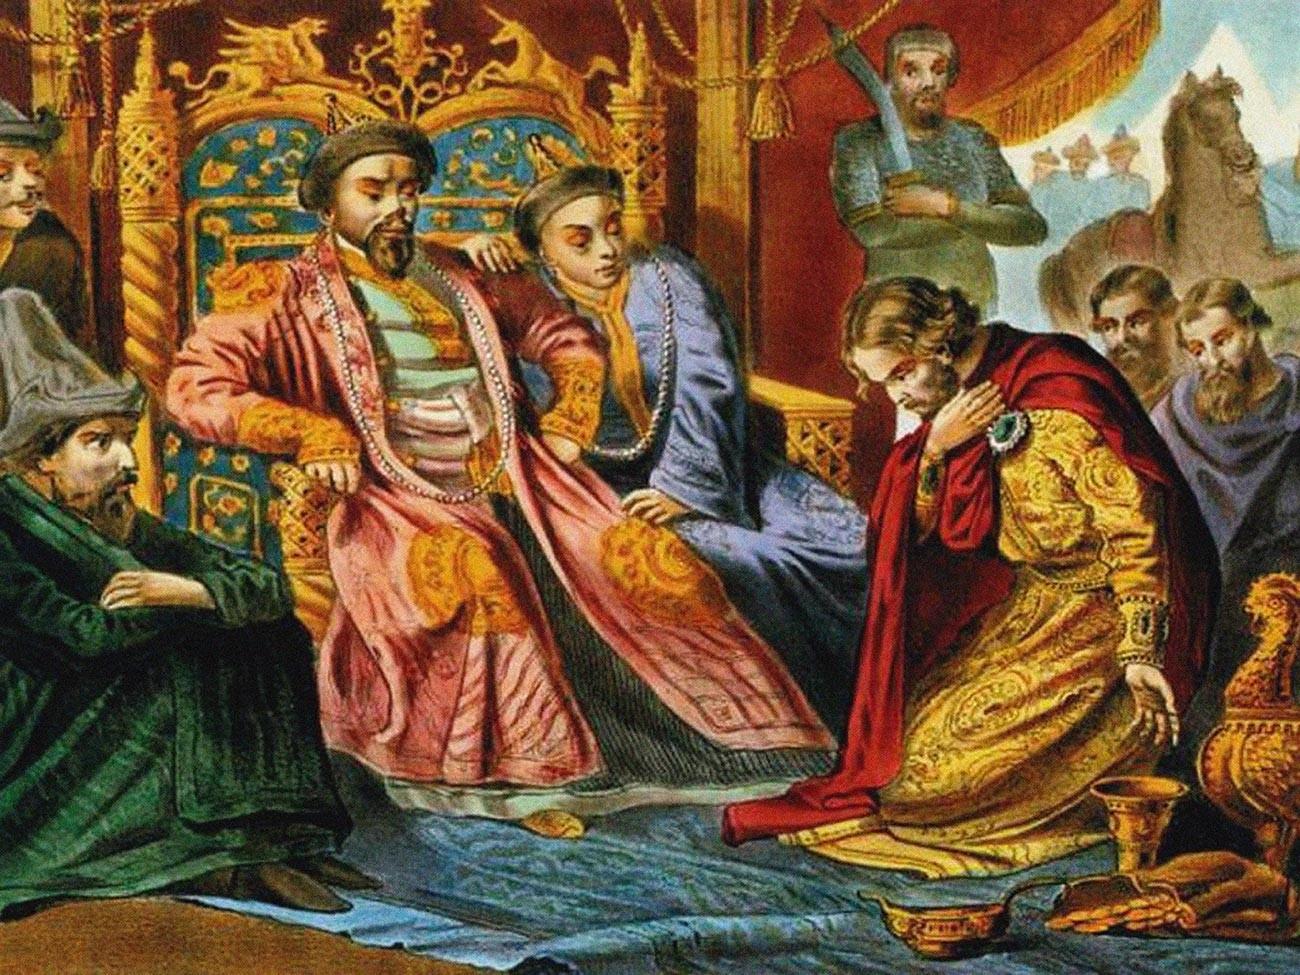 Pangeran Aleksandr Nevsky memlas kasih untuk Rusia kepada Batu Khan dalam lukisan akhir abad ke-19.